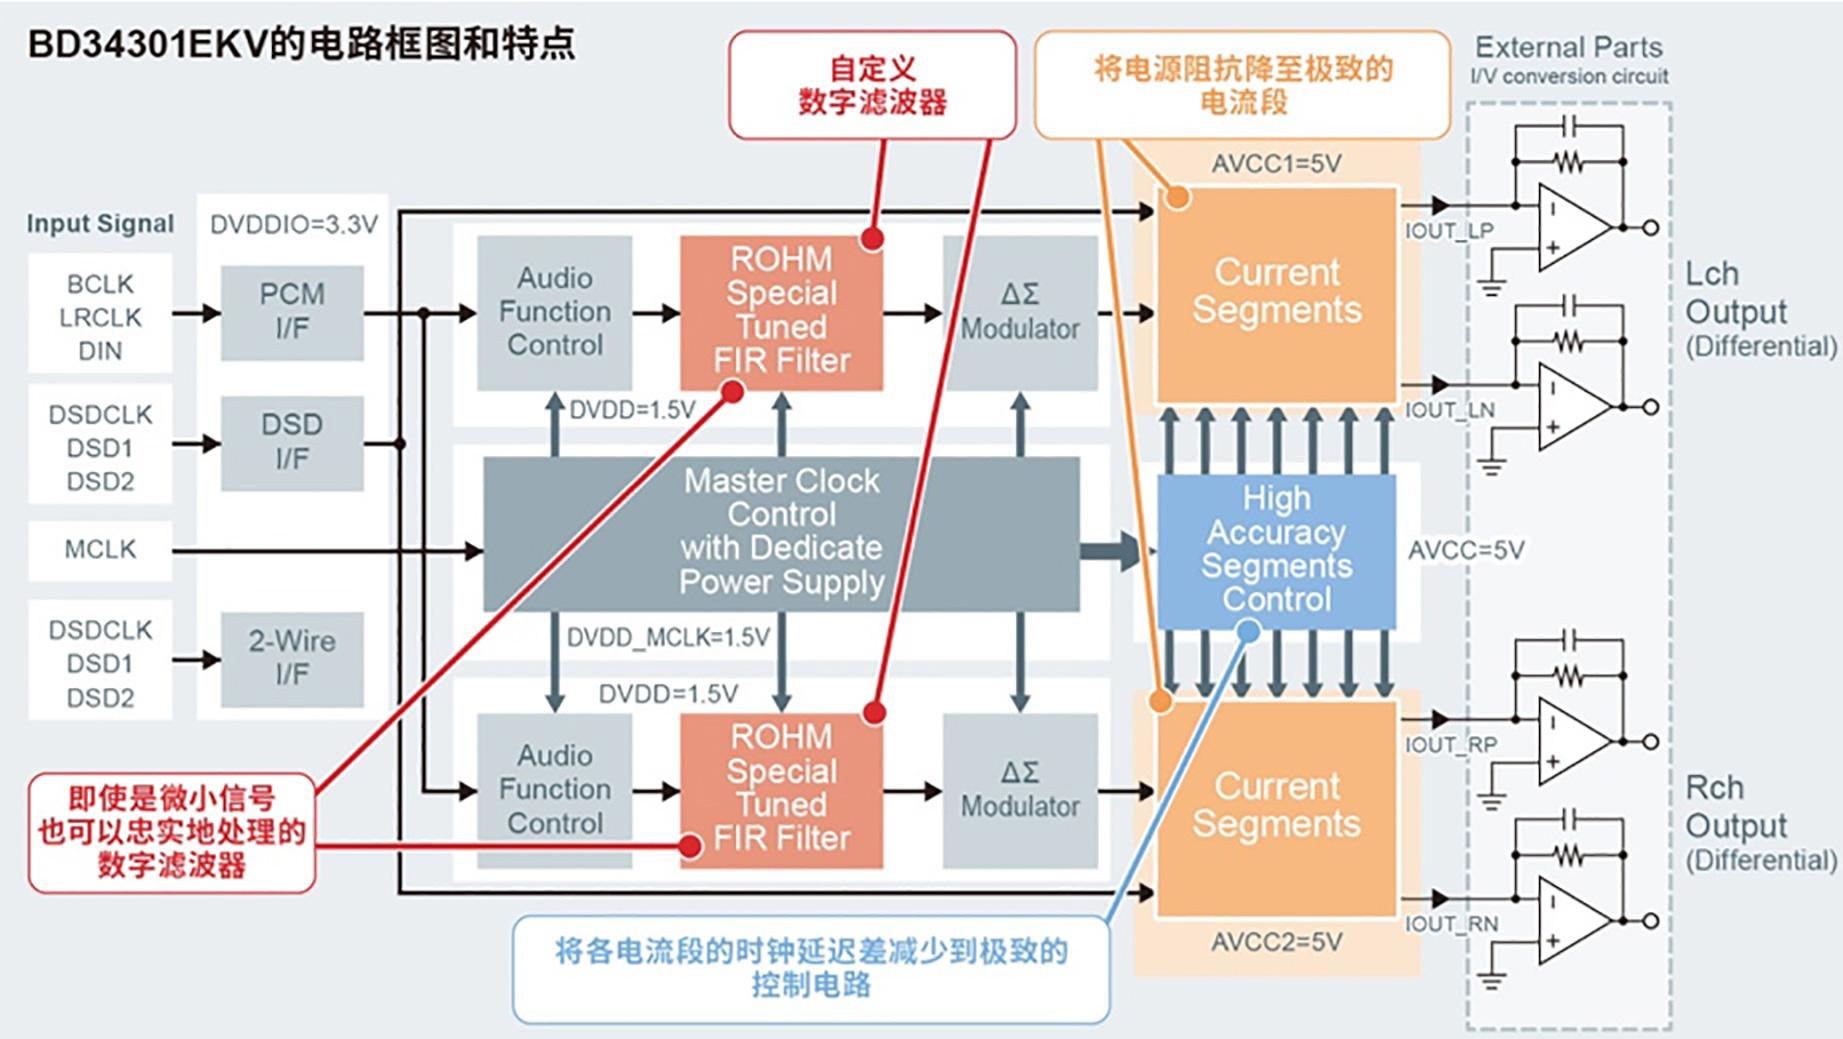 BD34301EKV的电路框图和特点